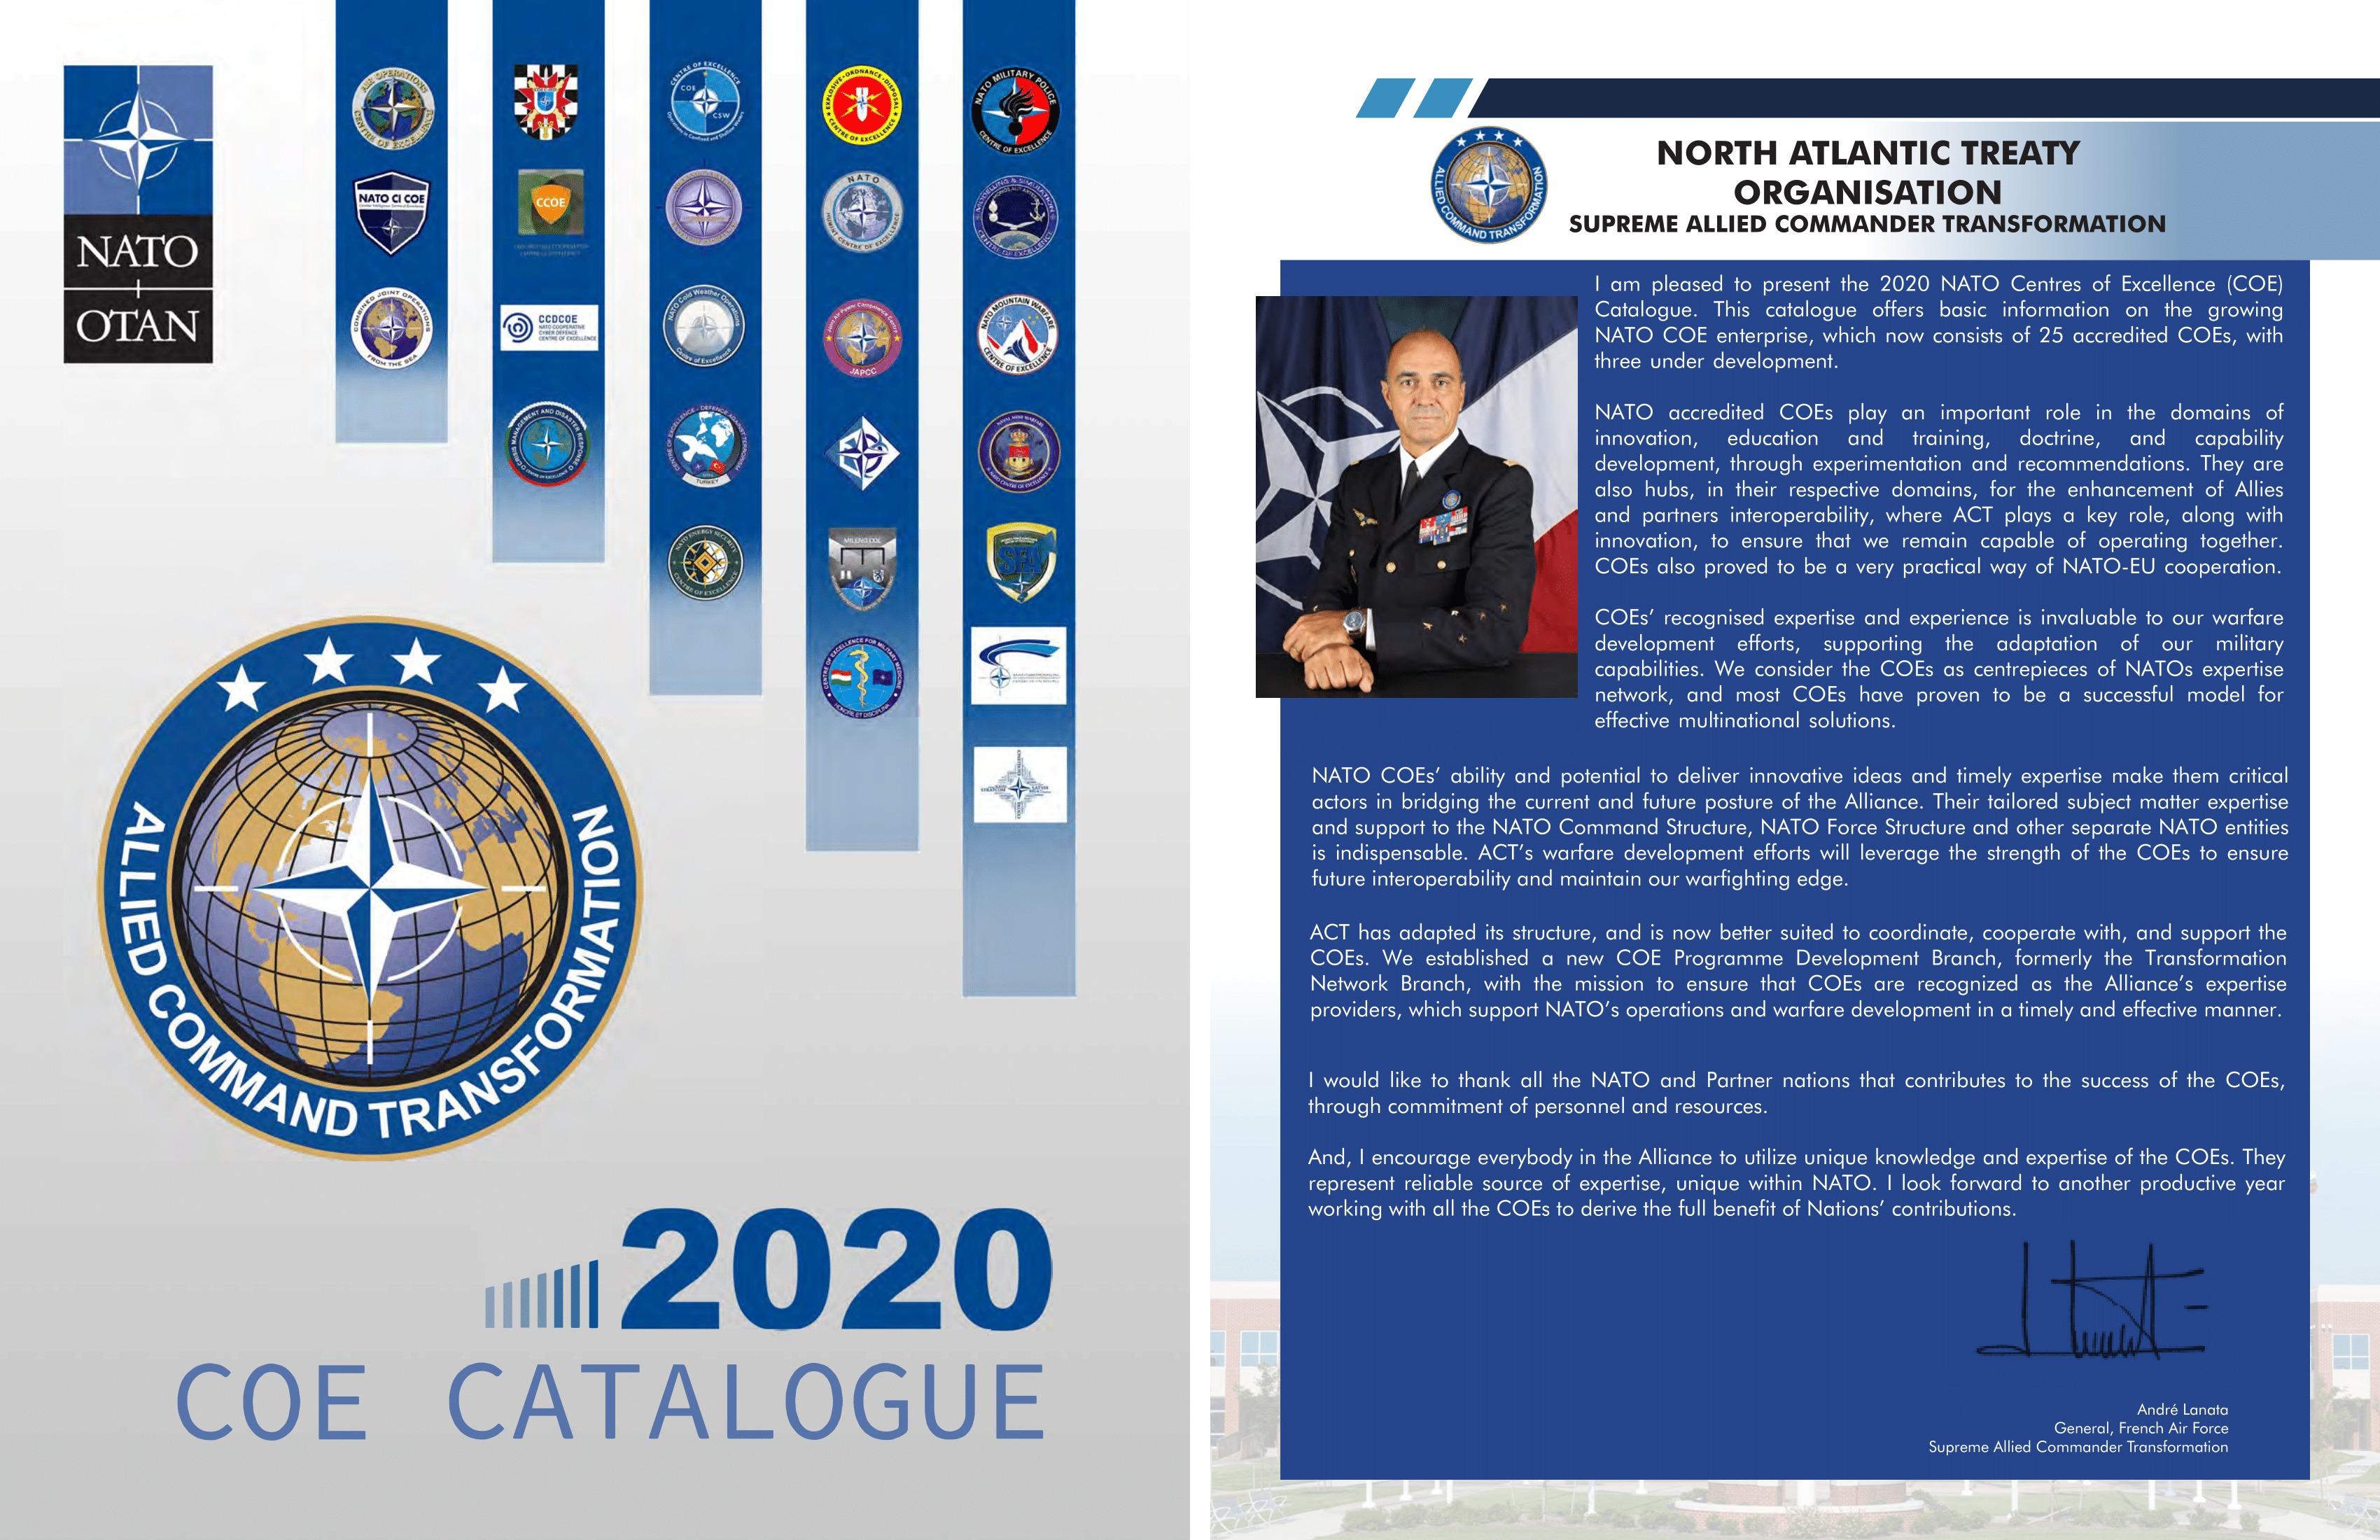 COE CATALOGUE 2020